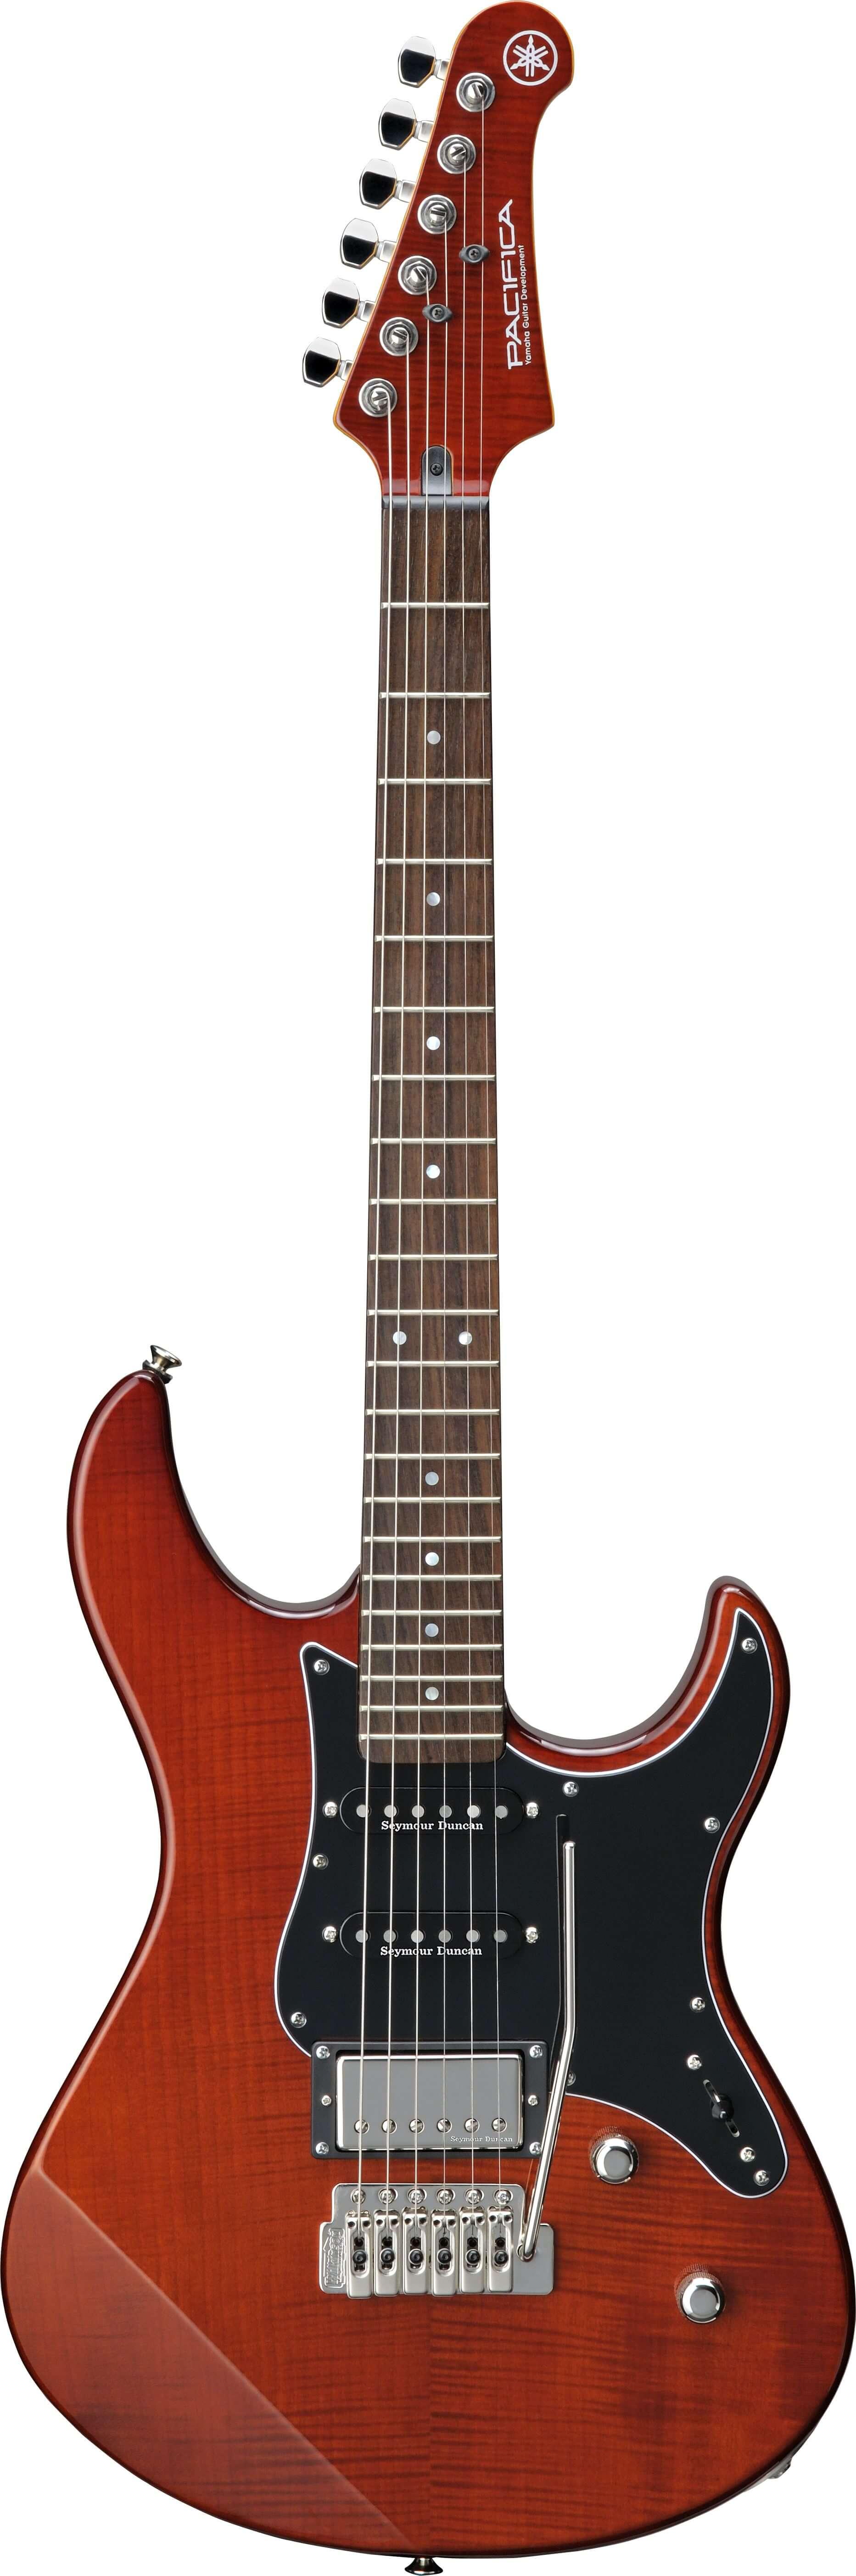 Guitarra Eléctrica Yamaha Pa612Viifm Root Beer Special